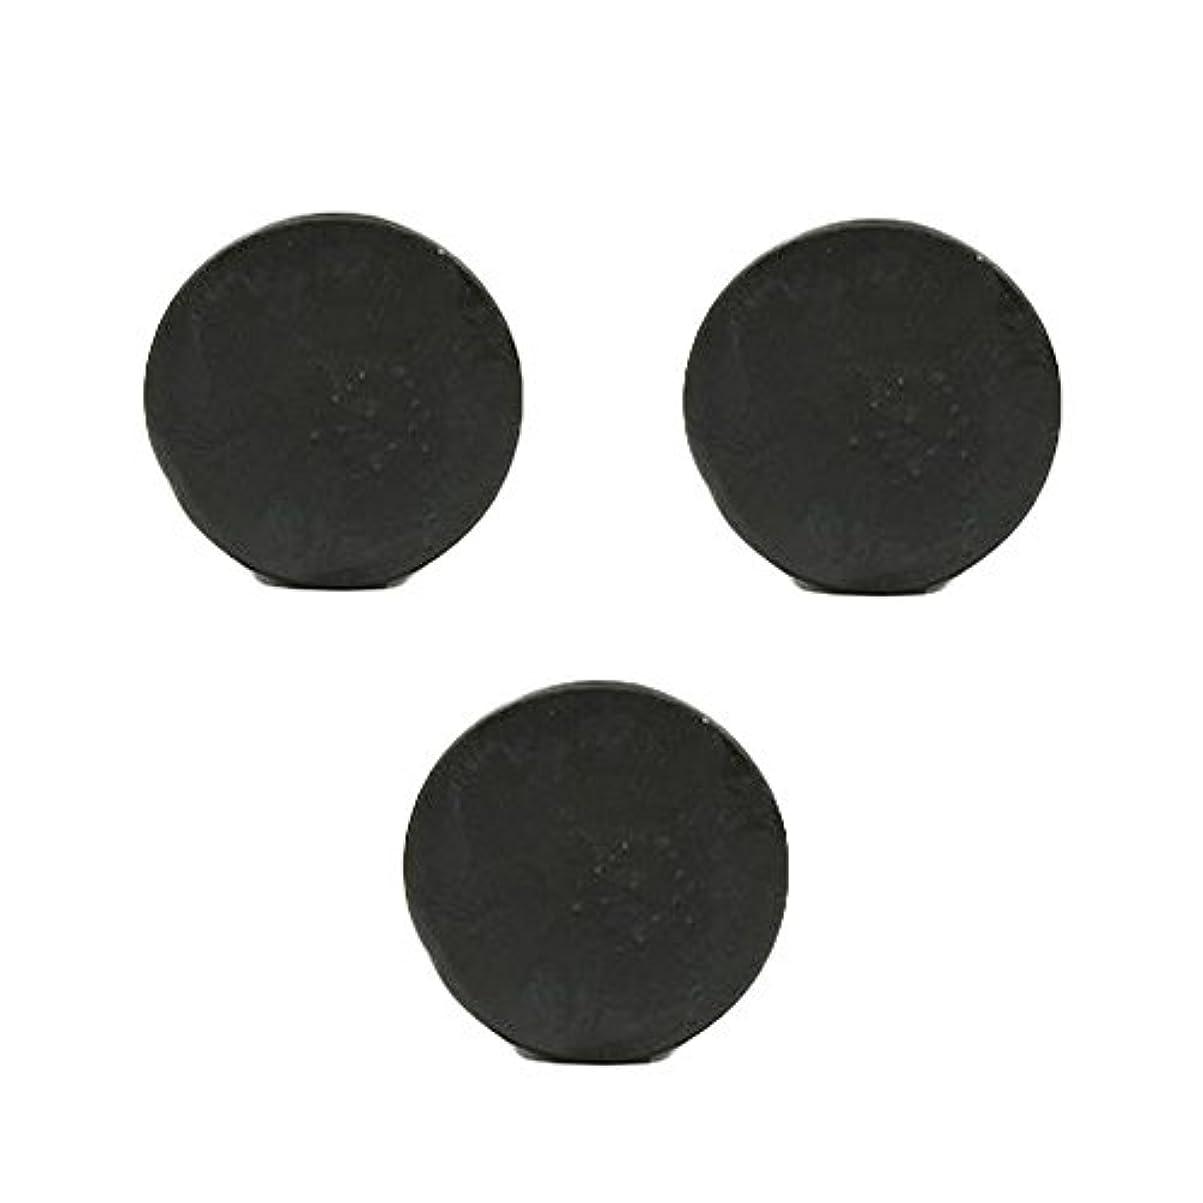 ダイアクリティカル一杯変な薬用人参クレンジングソープ3個 / Fermented Dark Black Ginseng Cleansing Soap 3pcs[海外直送品] [並行輸入品]